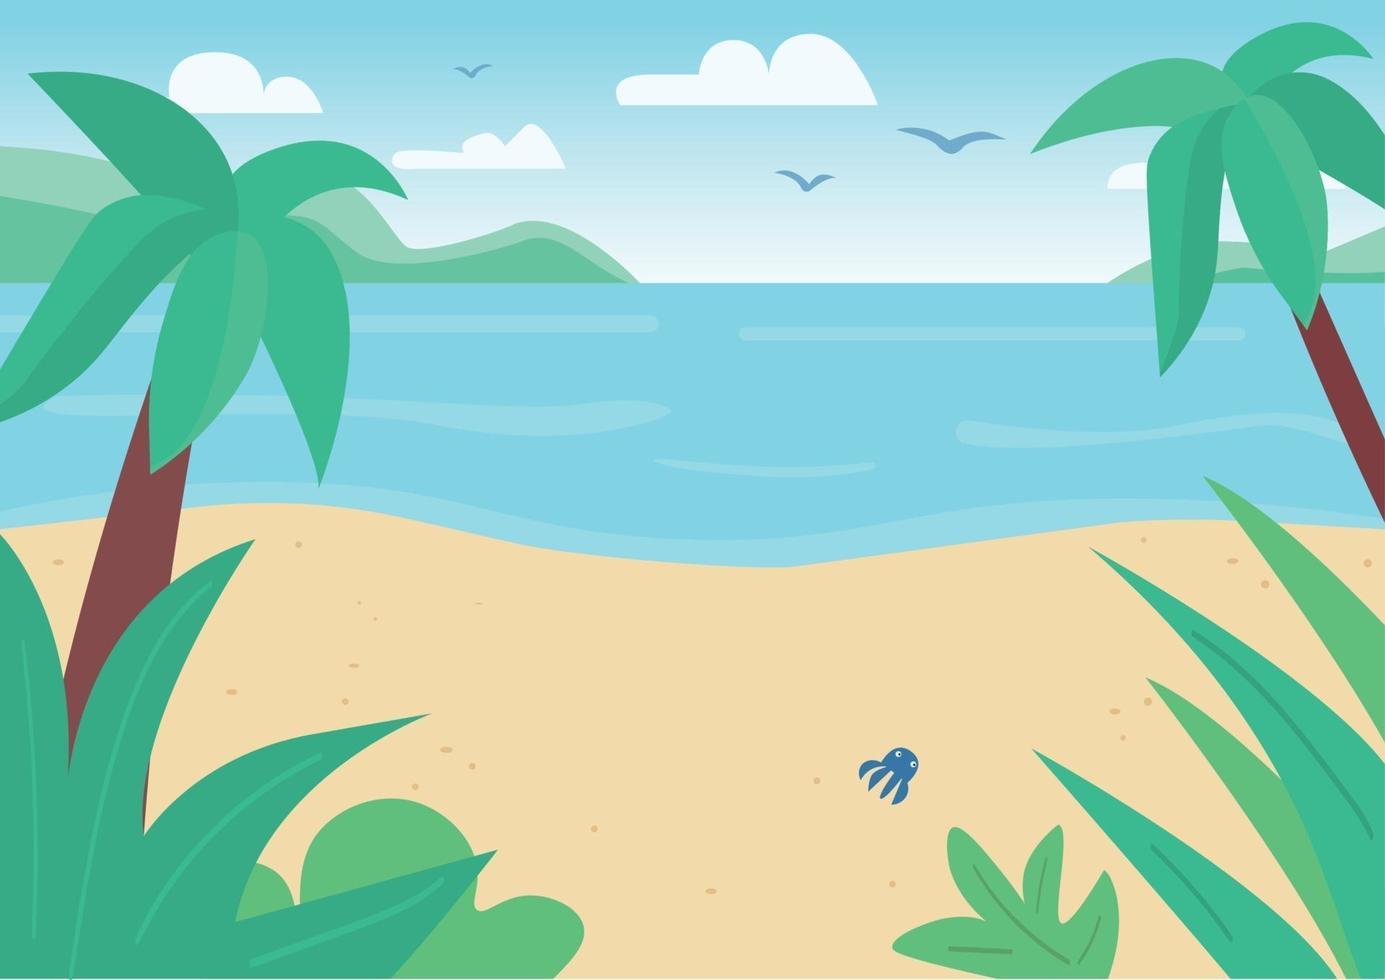 tropisk sandstrand och havet platt färg vektorillustration. marinmålning med palmer och flygande fåglar. exotisk fredlig natur. strand 2d tecknad filmlandskap med lysande sol på bakgrund vektor